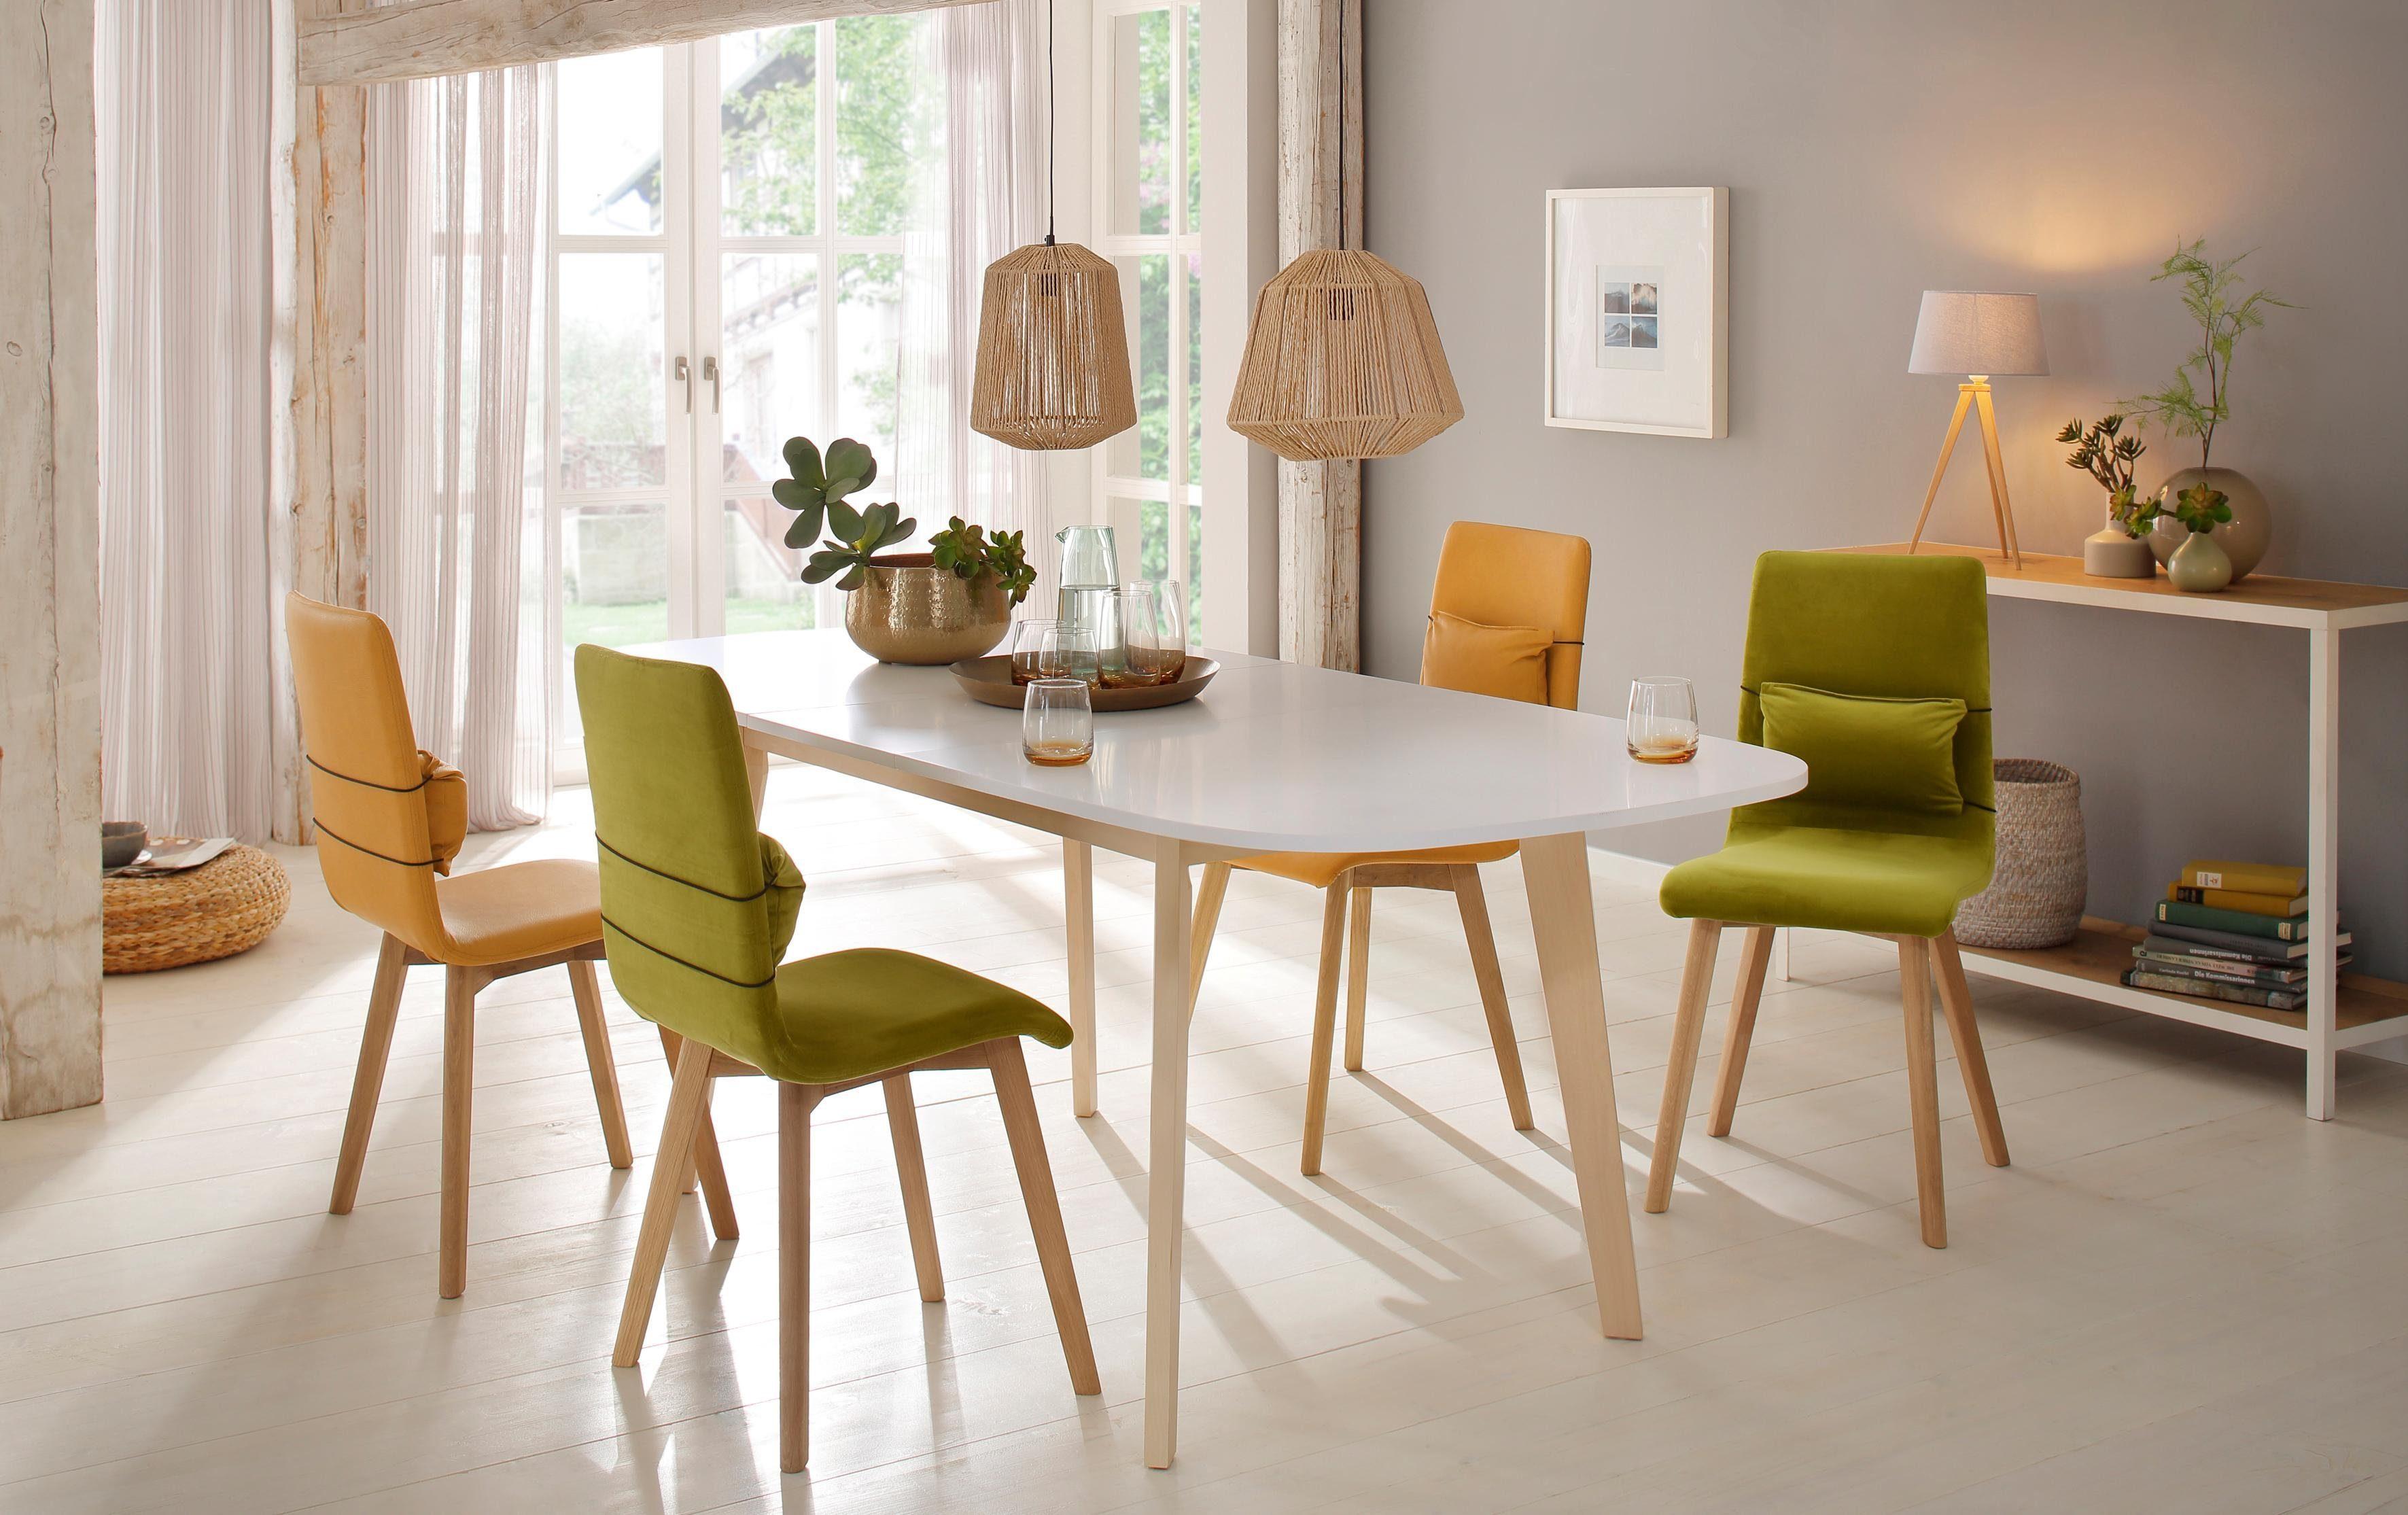 Home affaire Esstisch »Naiss« mit Auszugsfunktion und schönen Tischbeinen aus pflegeleichtem Echtholzfunier